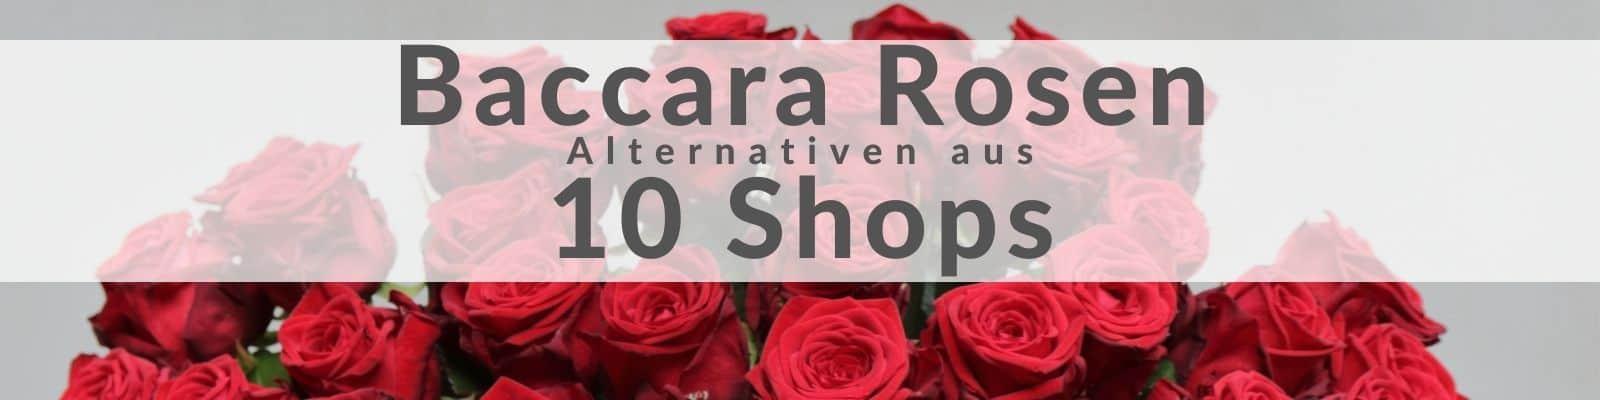 Baccara Rosen - zum günstigen Preis kaufen